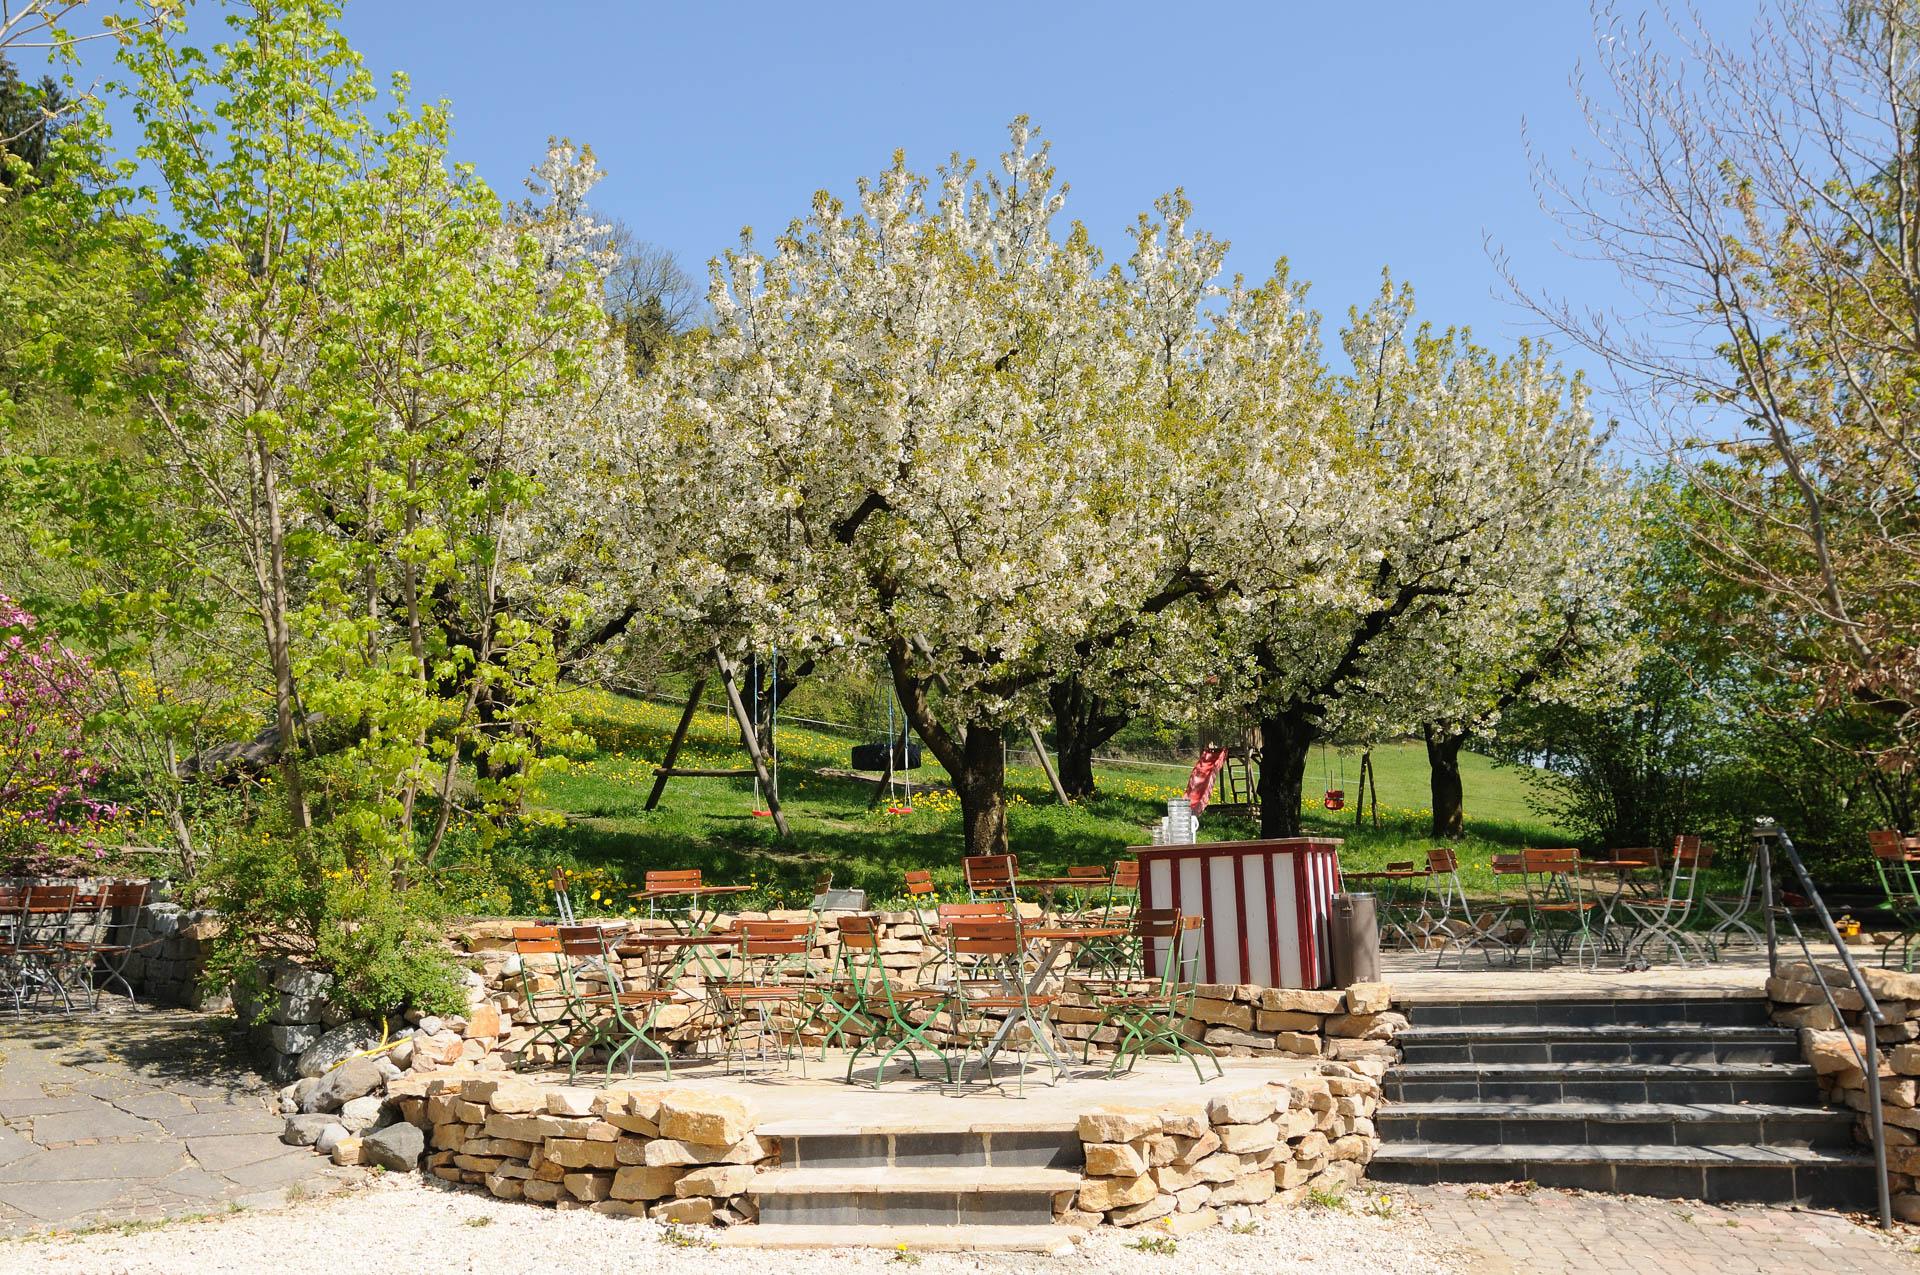 Obstblüte im Biergarten des Gasthaus Seerose in Nitzenweiler bei Kressbronn am Bodensee